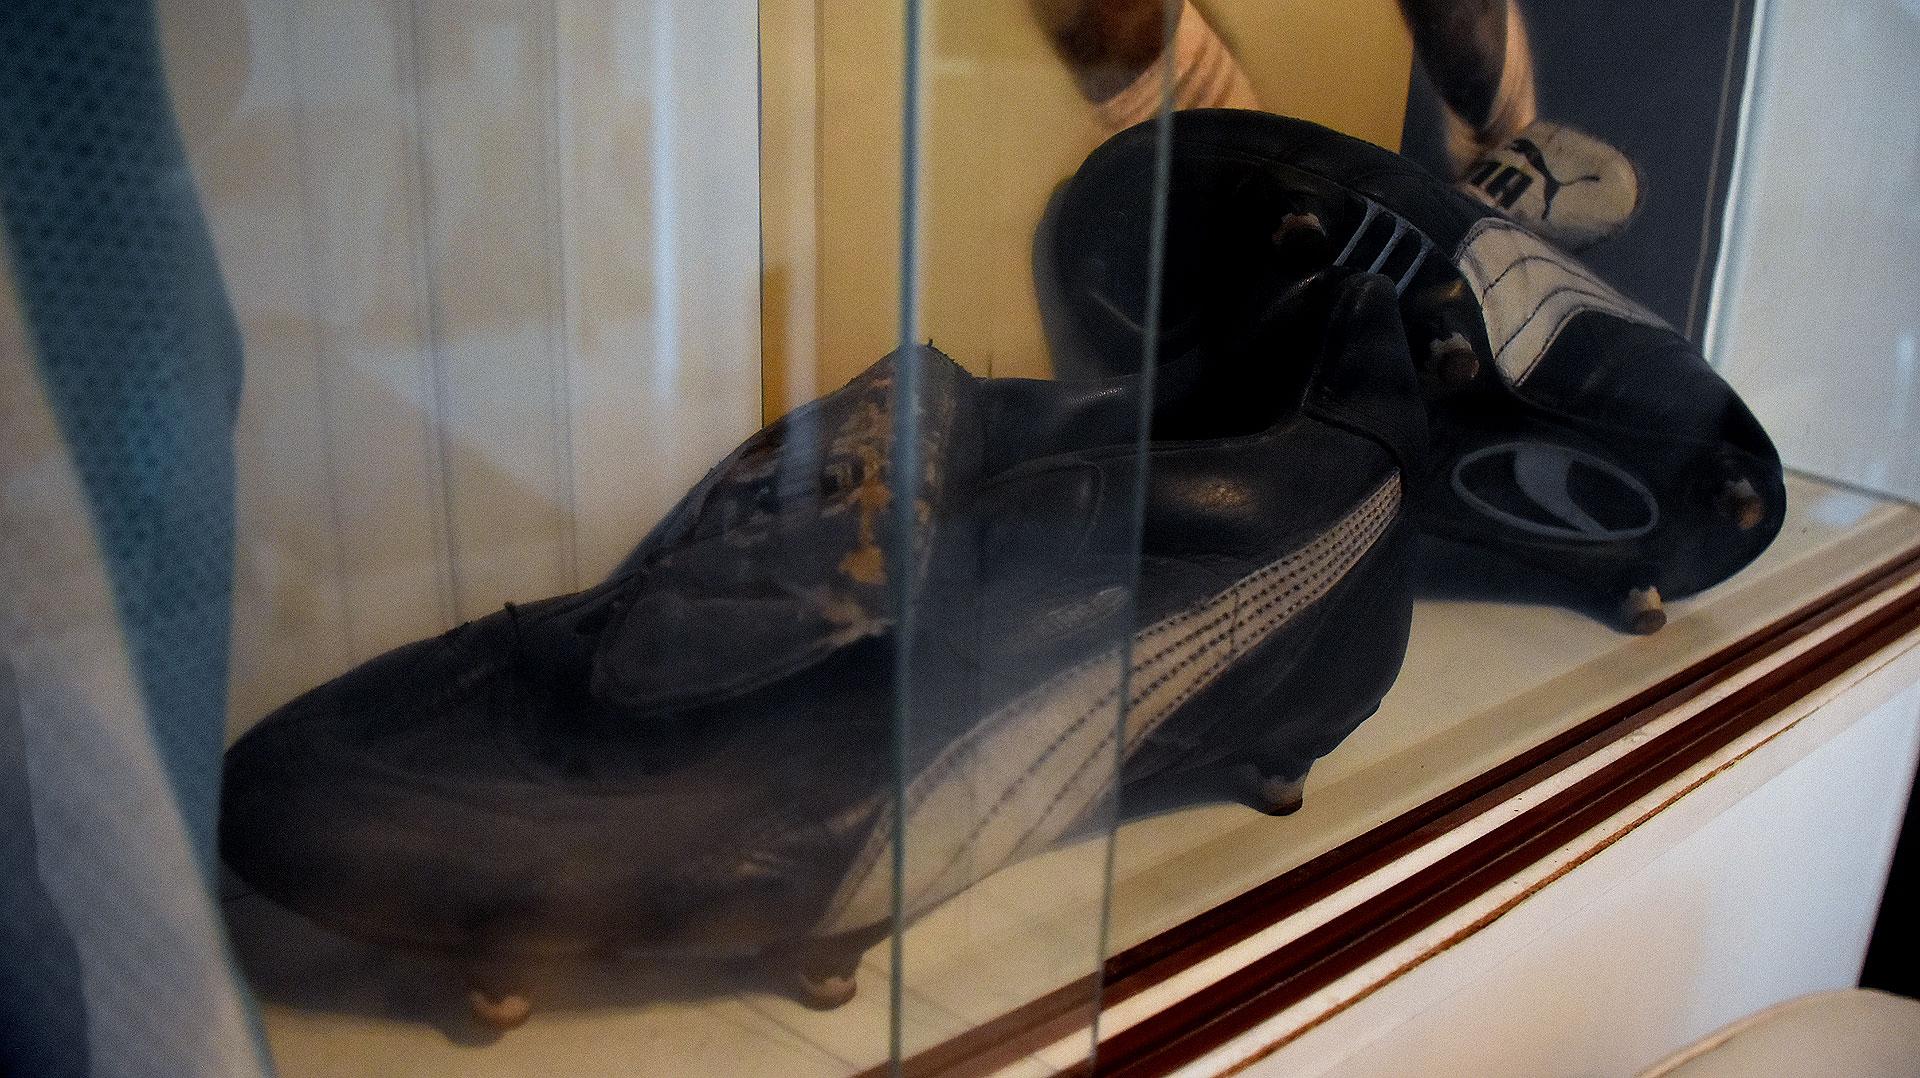 El estado de las botas que se puso Maradona en Italia 90. El izquierdo debió abrirse bastante por la inflamación de su tobillo (Nicolas Stulberg)